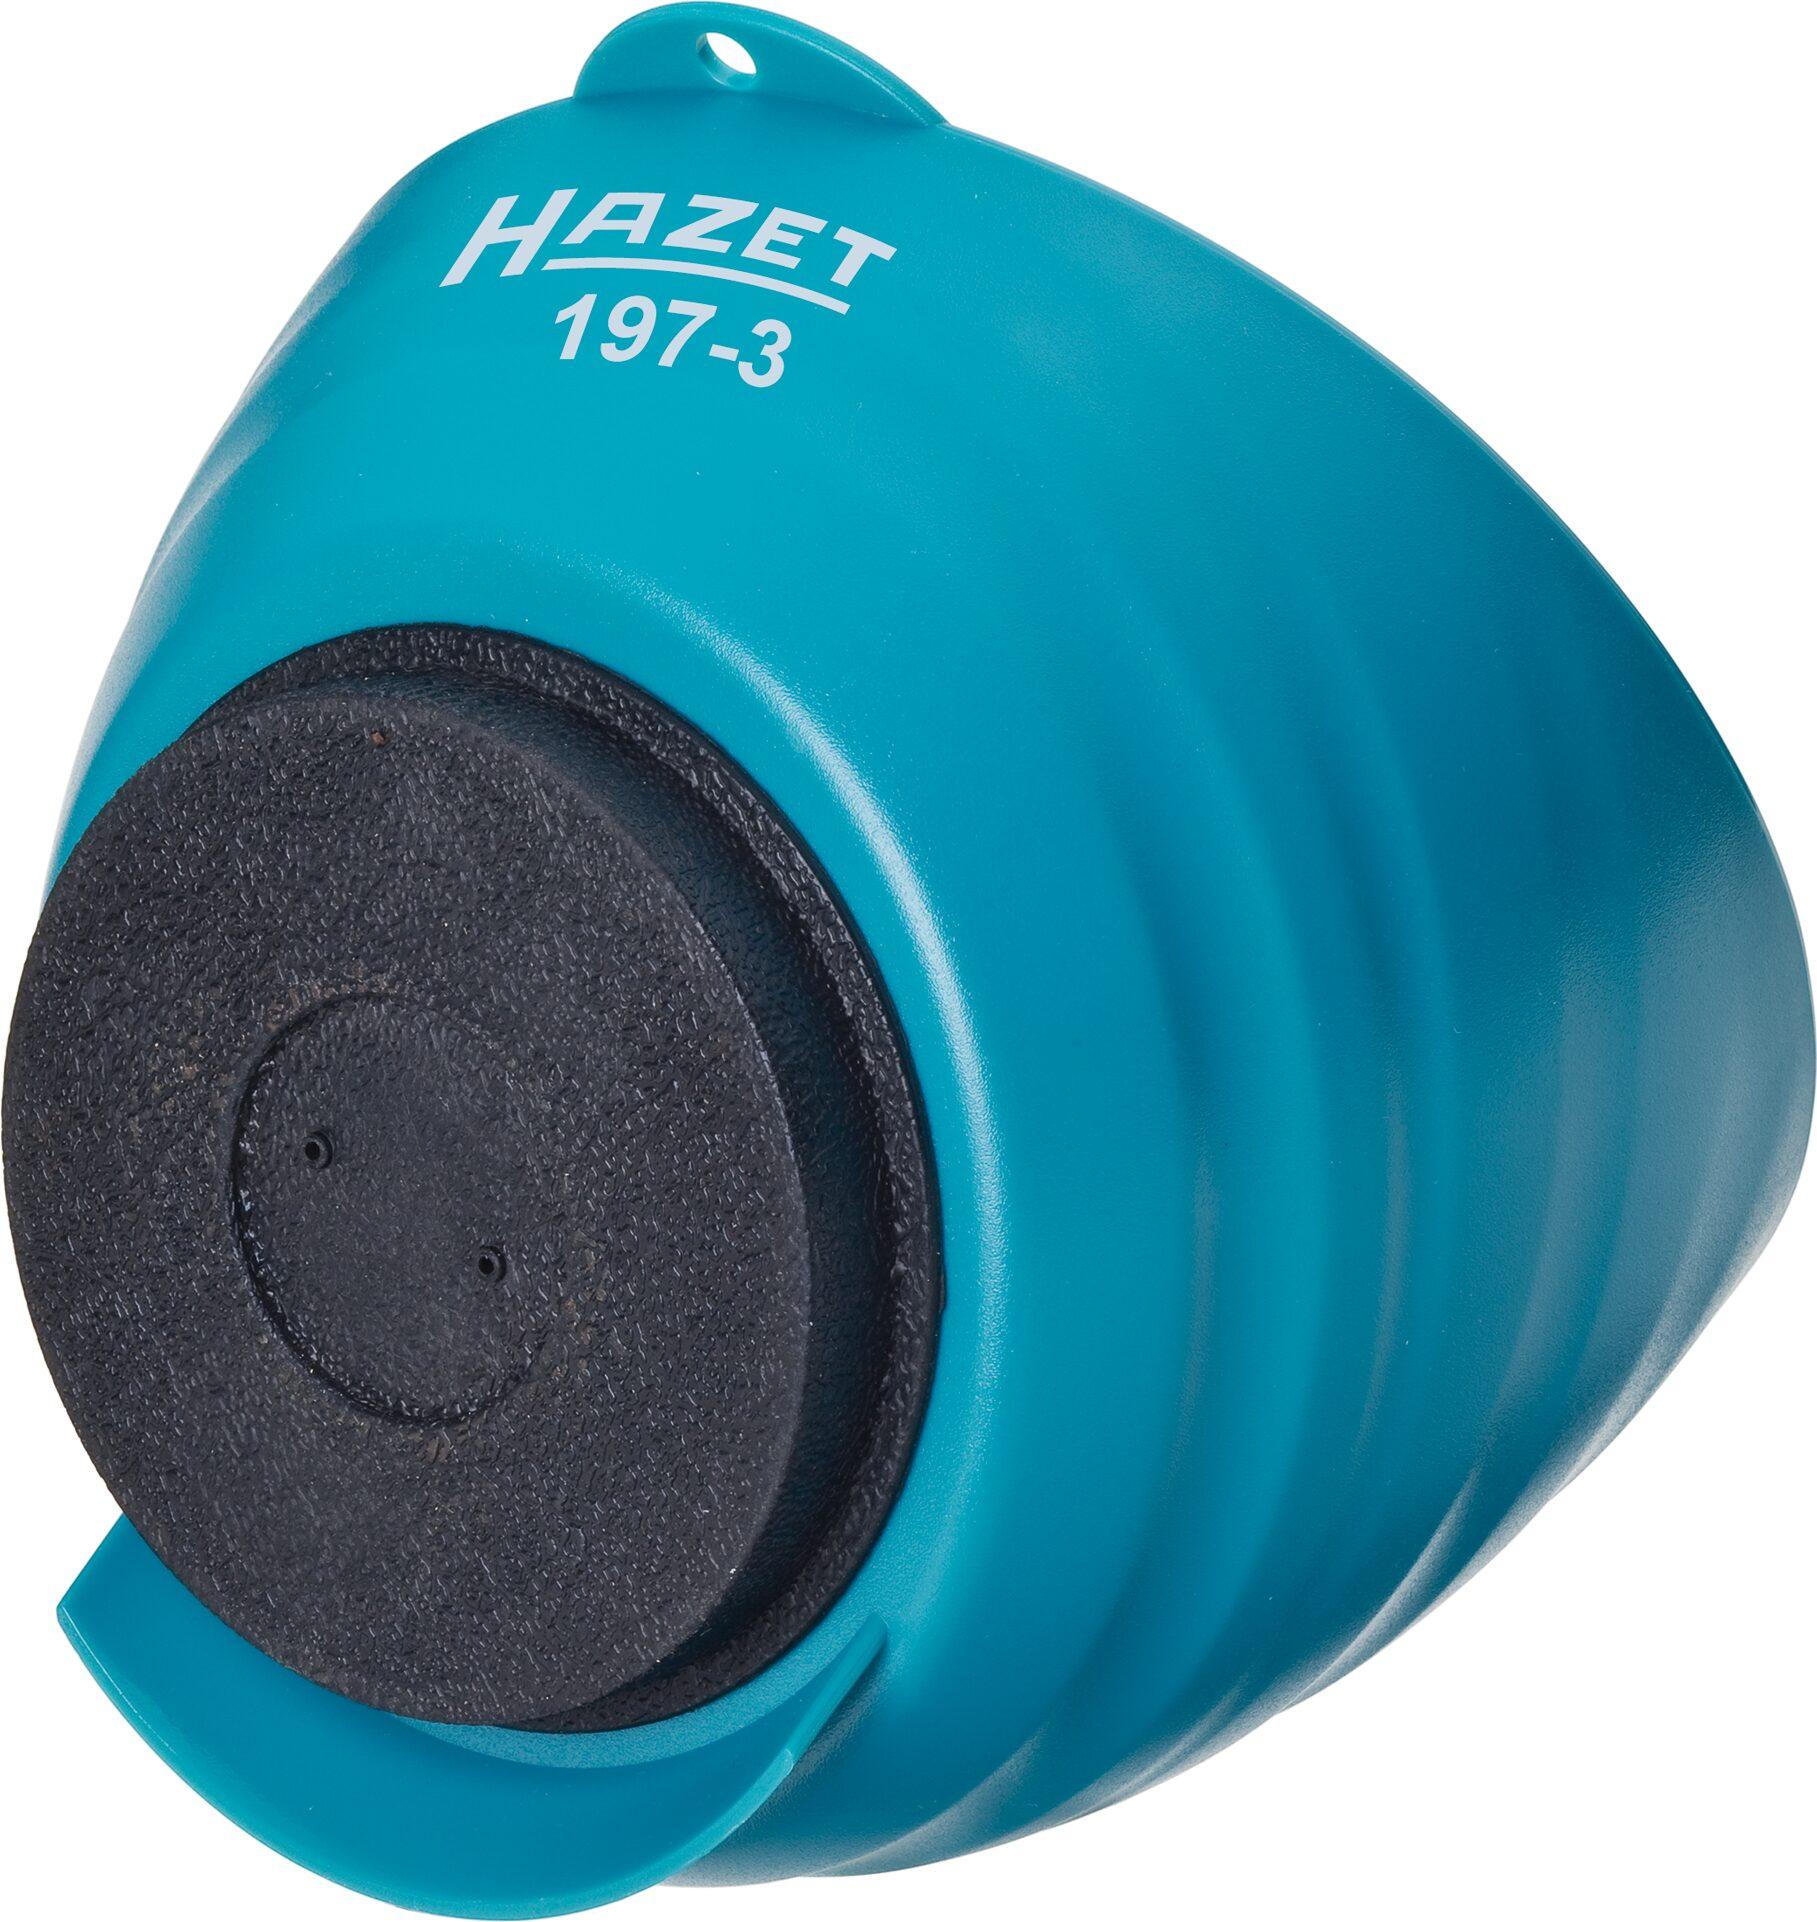 HAZET Magnet-Schale ∙ 150mm ⌀ 197-3 ∙ 150 mm